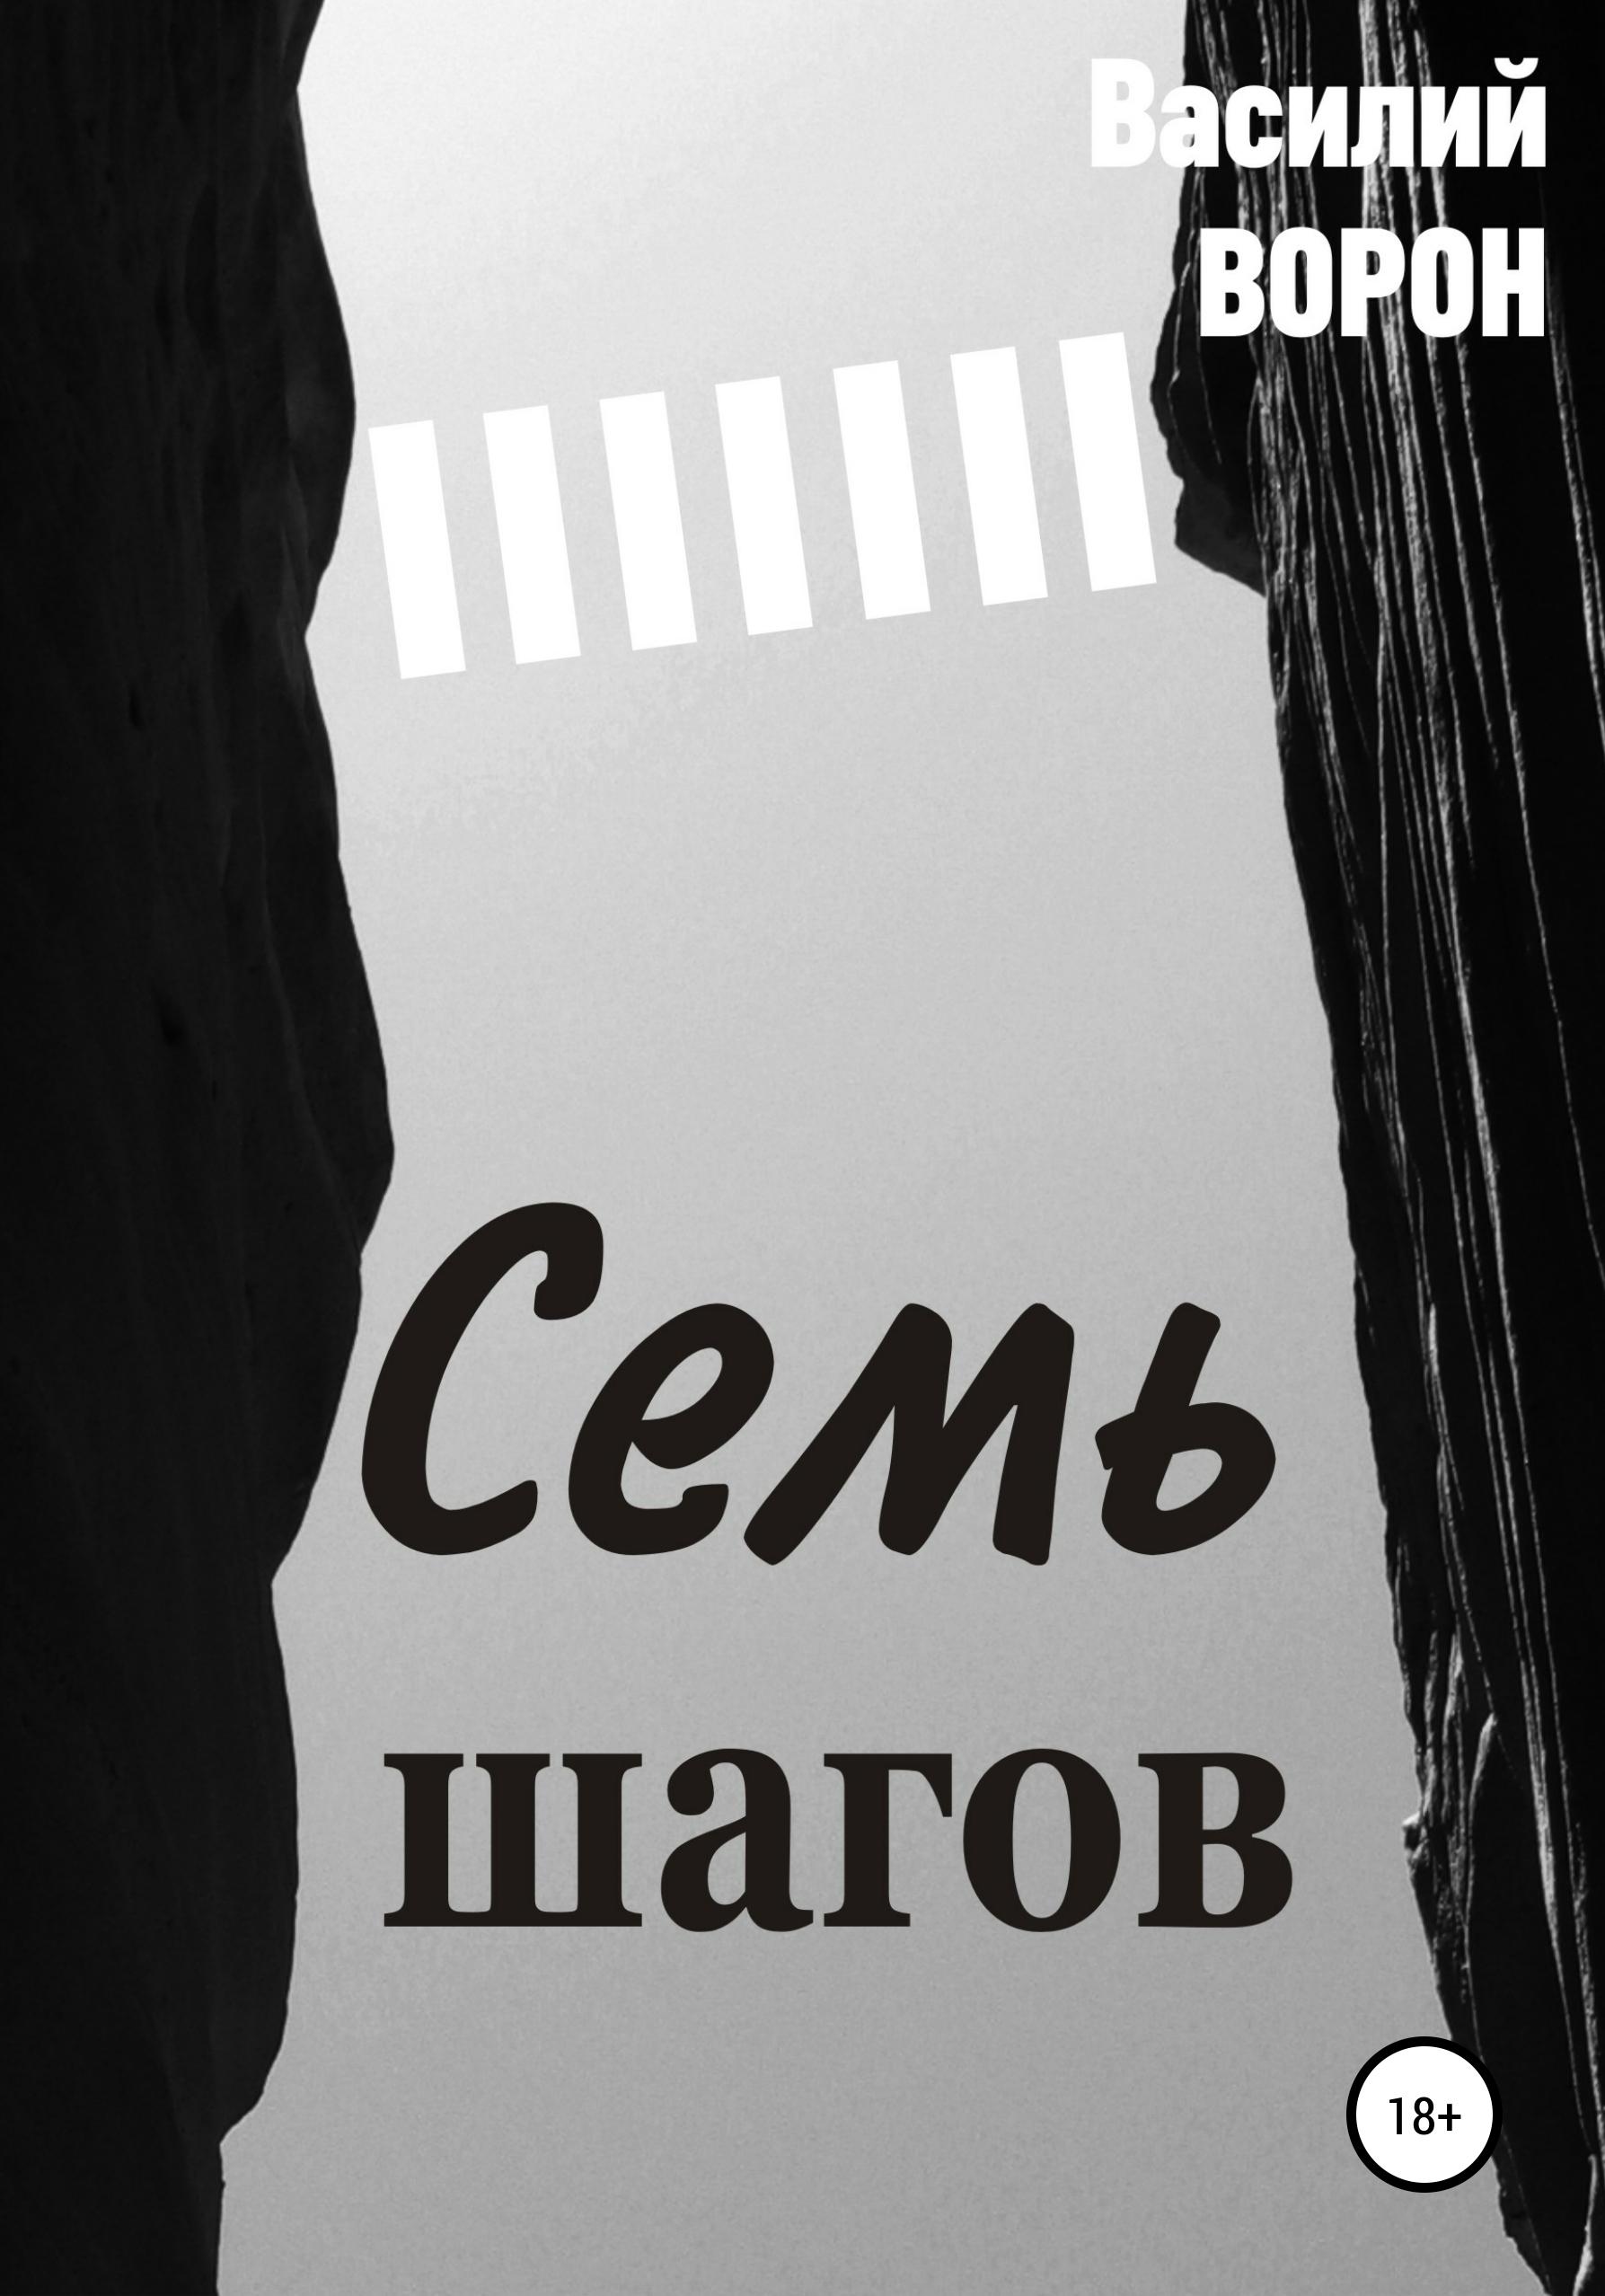 Василий Ворон Семь шагов василий ворон выйти из себя